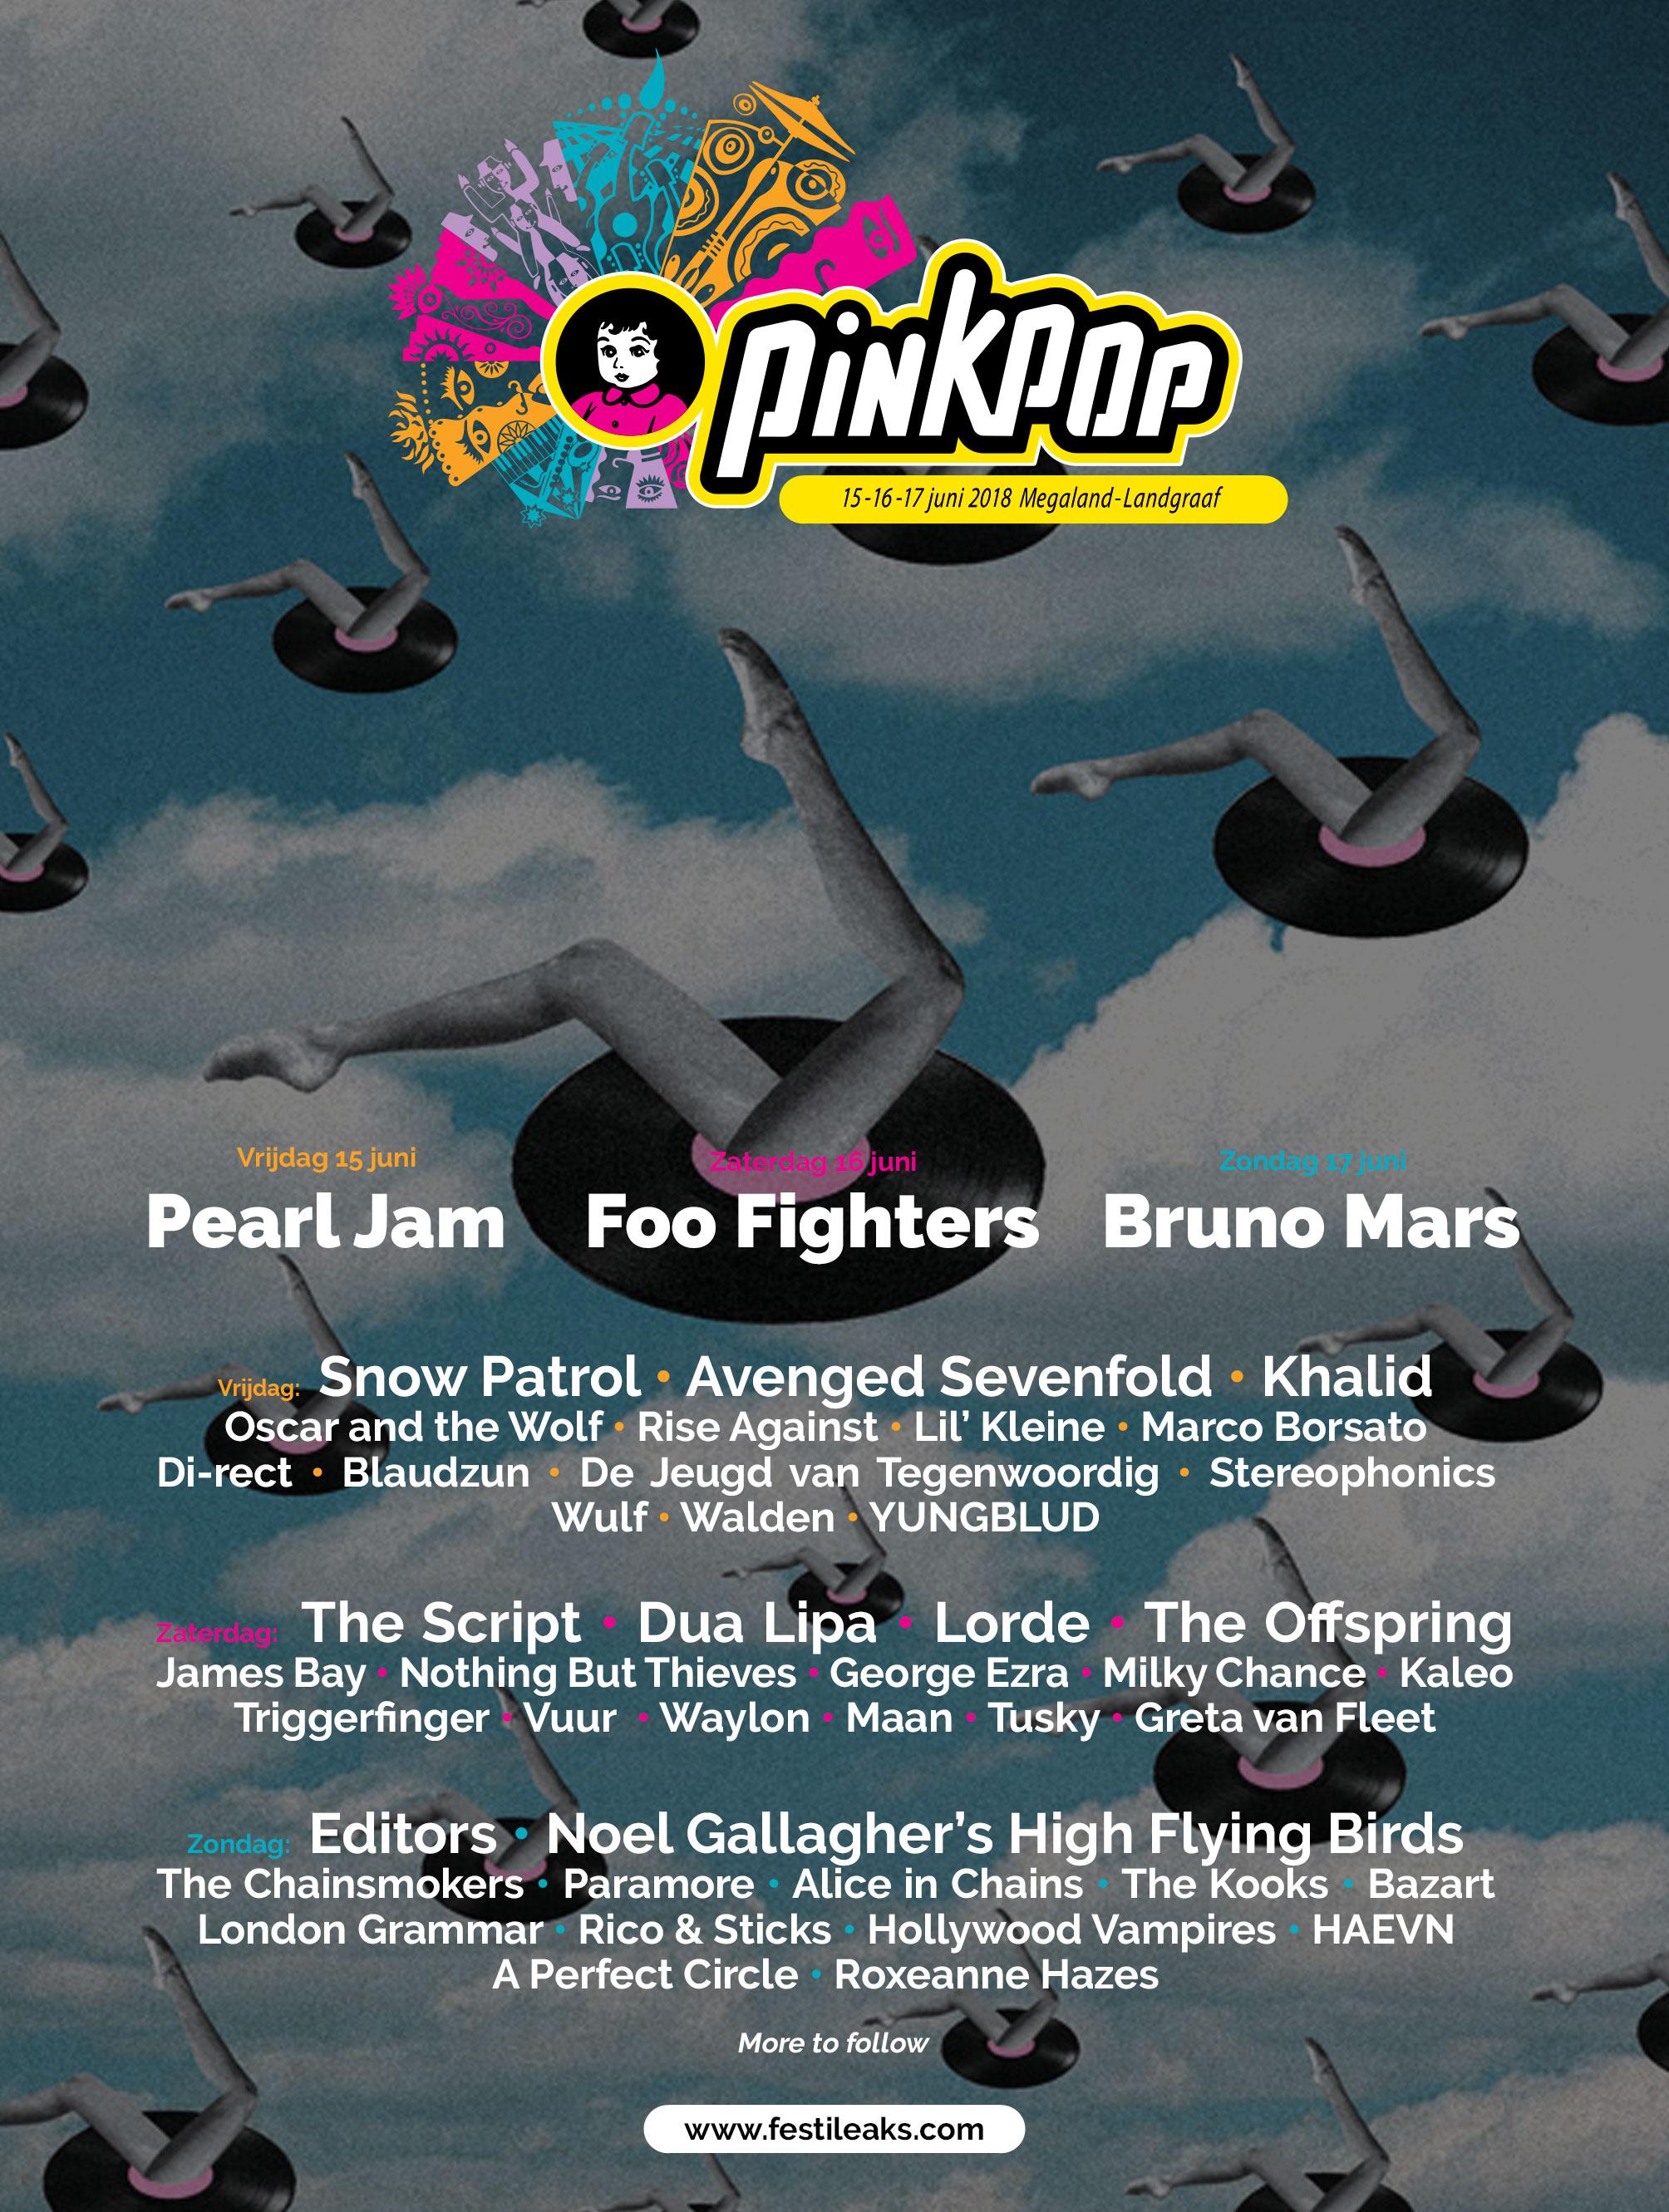 pinkpop-poster-2018-v4.jpg